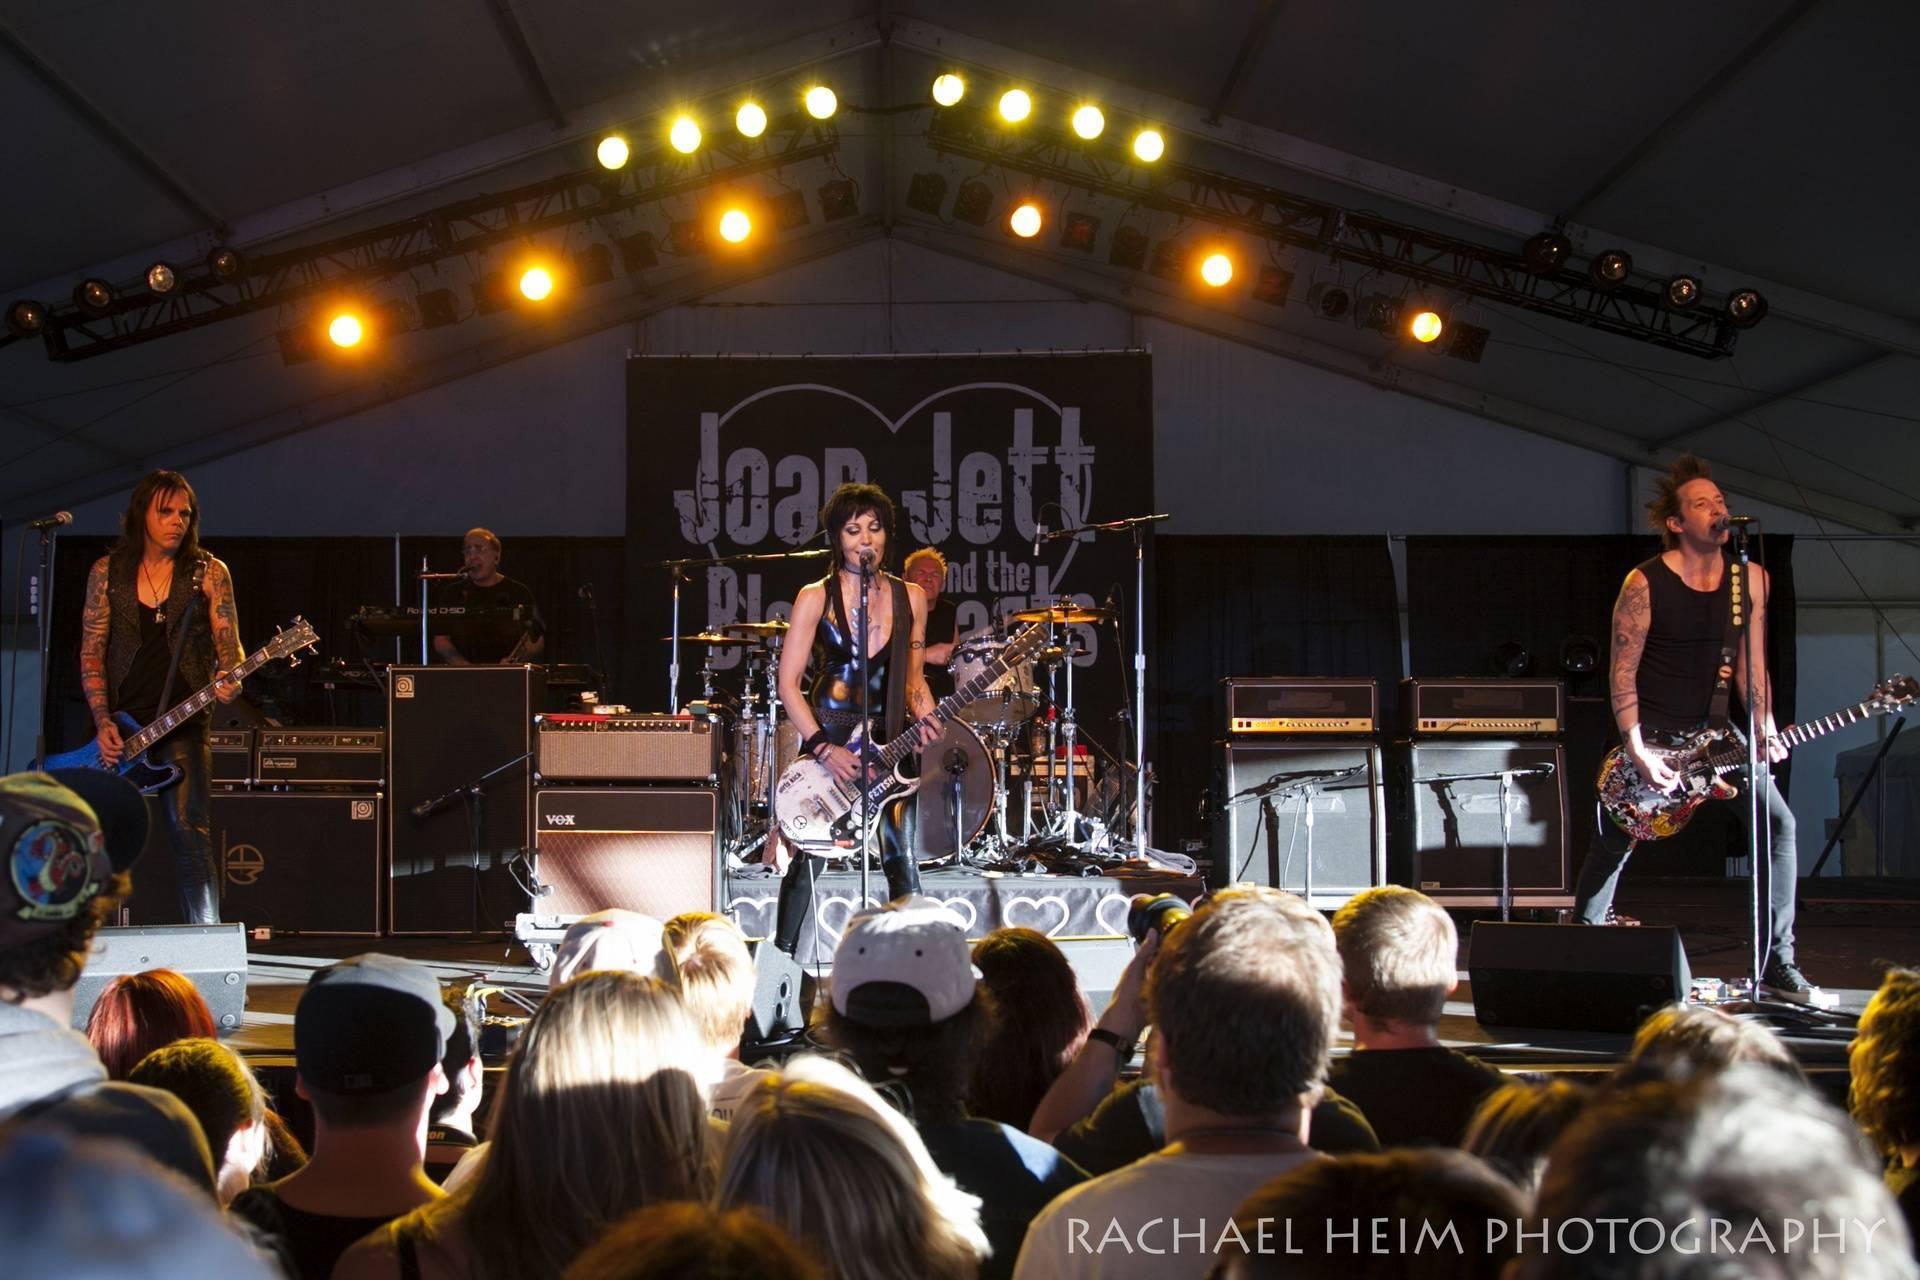 Joan Jett and the Blackhearts